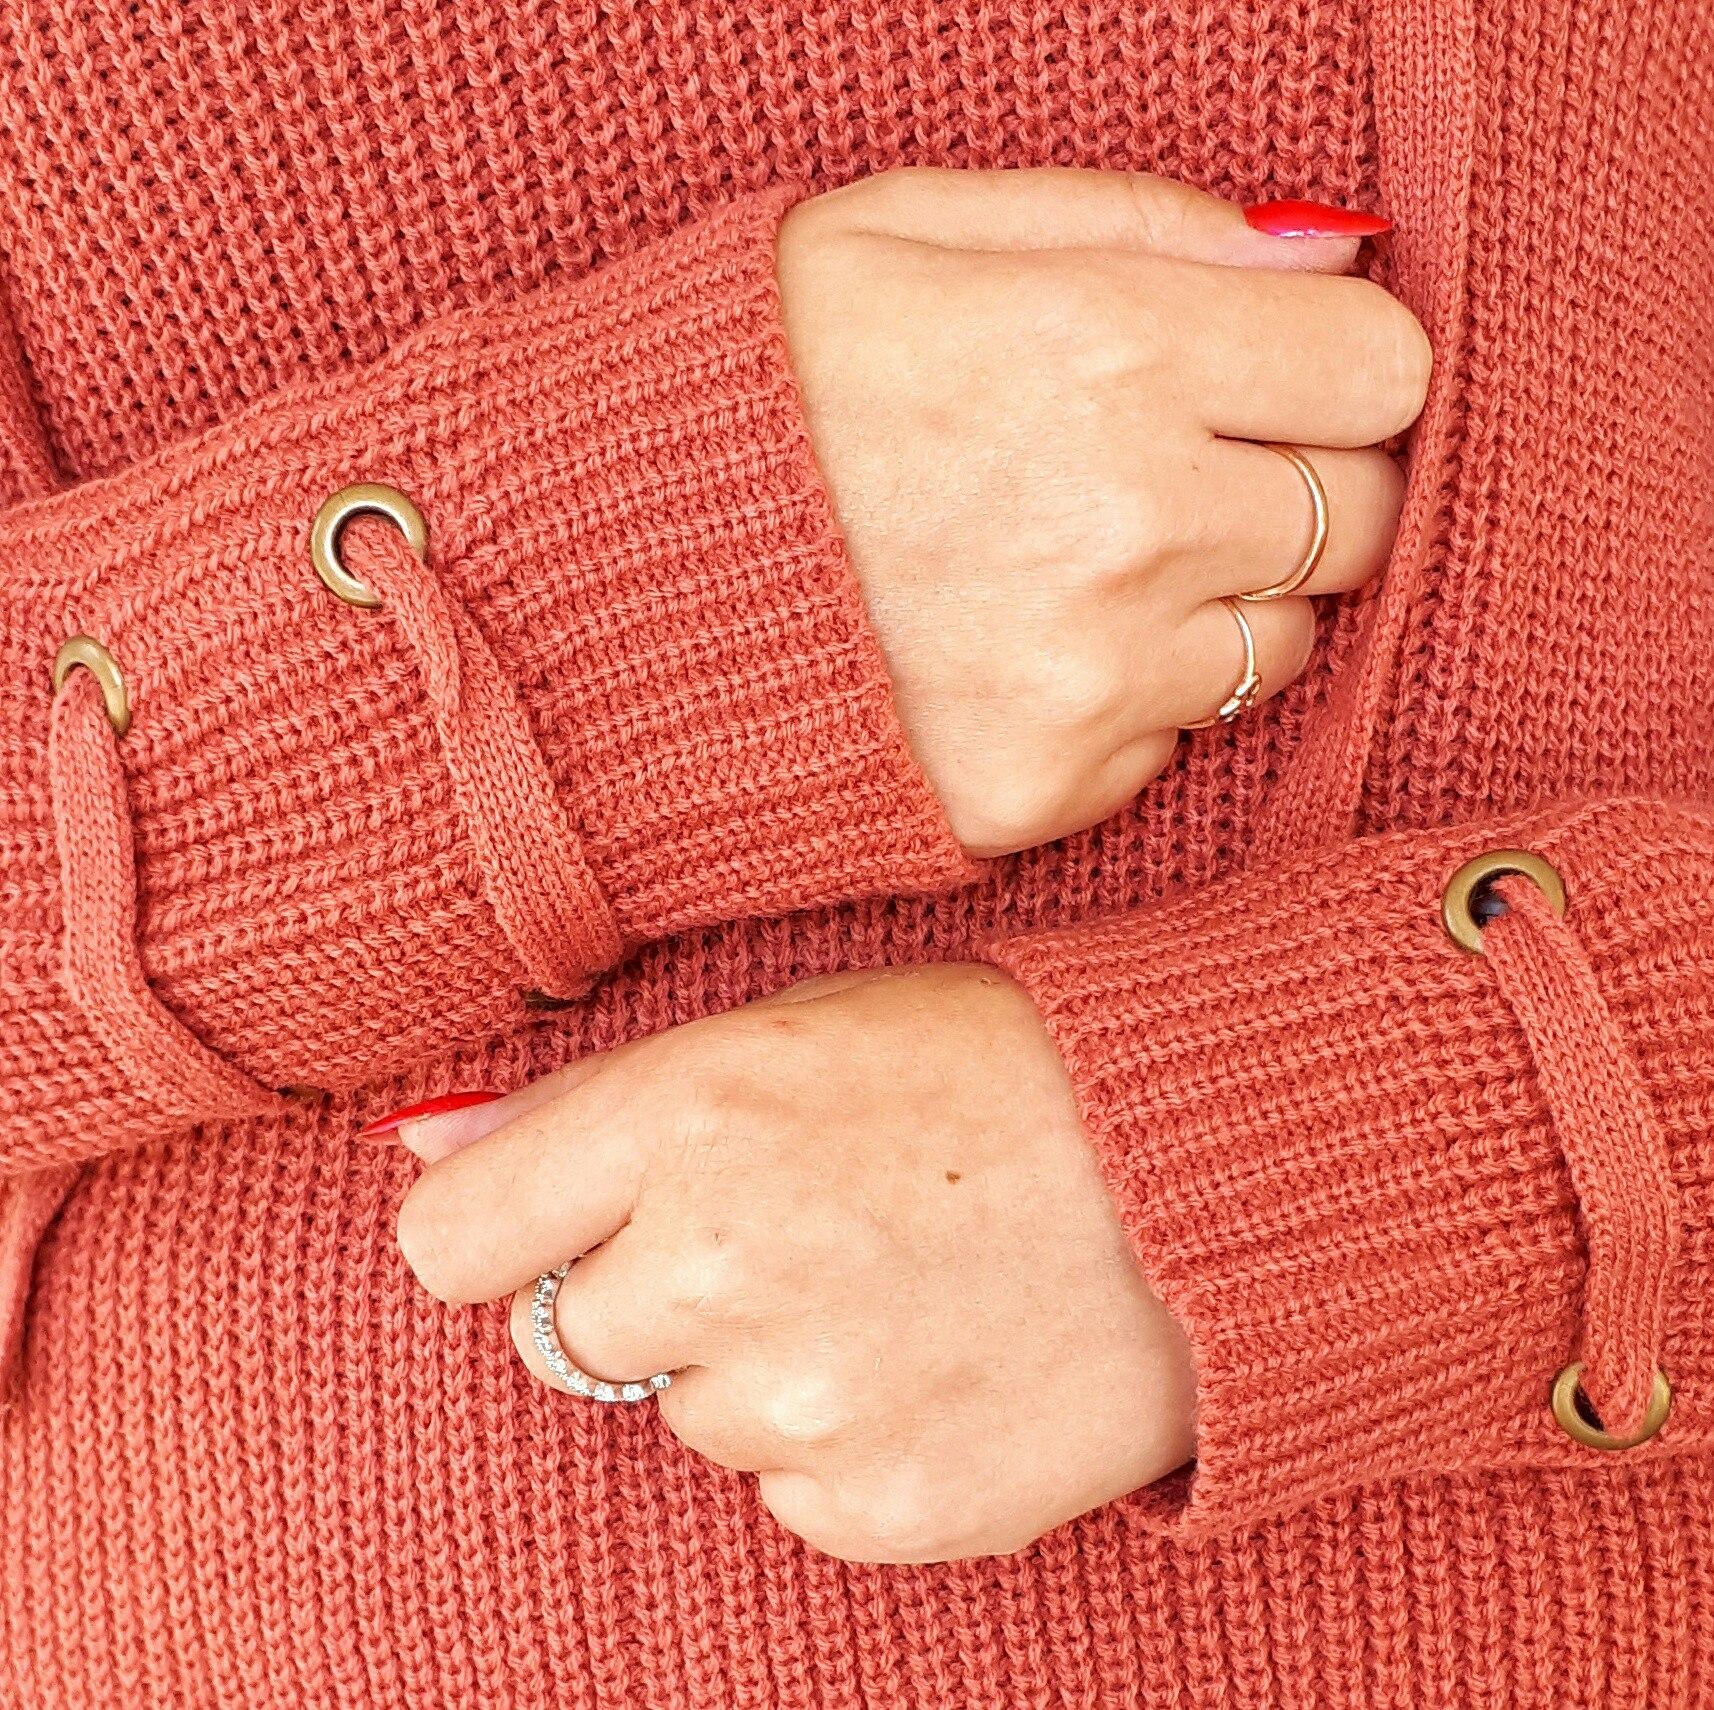 Годный свитер от Garemay за 943 на распродаже 831